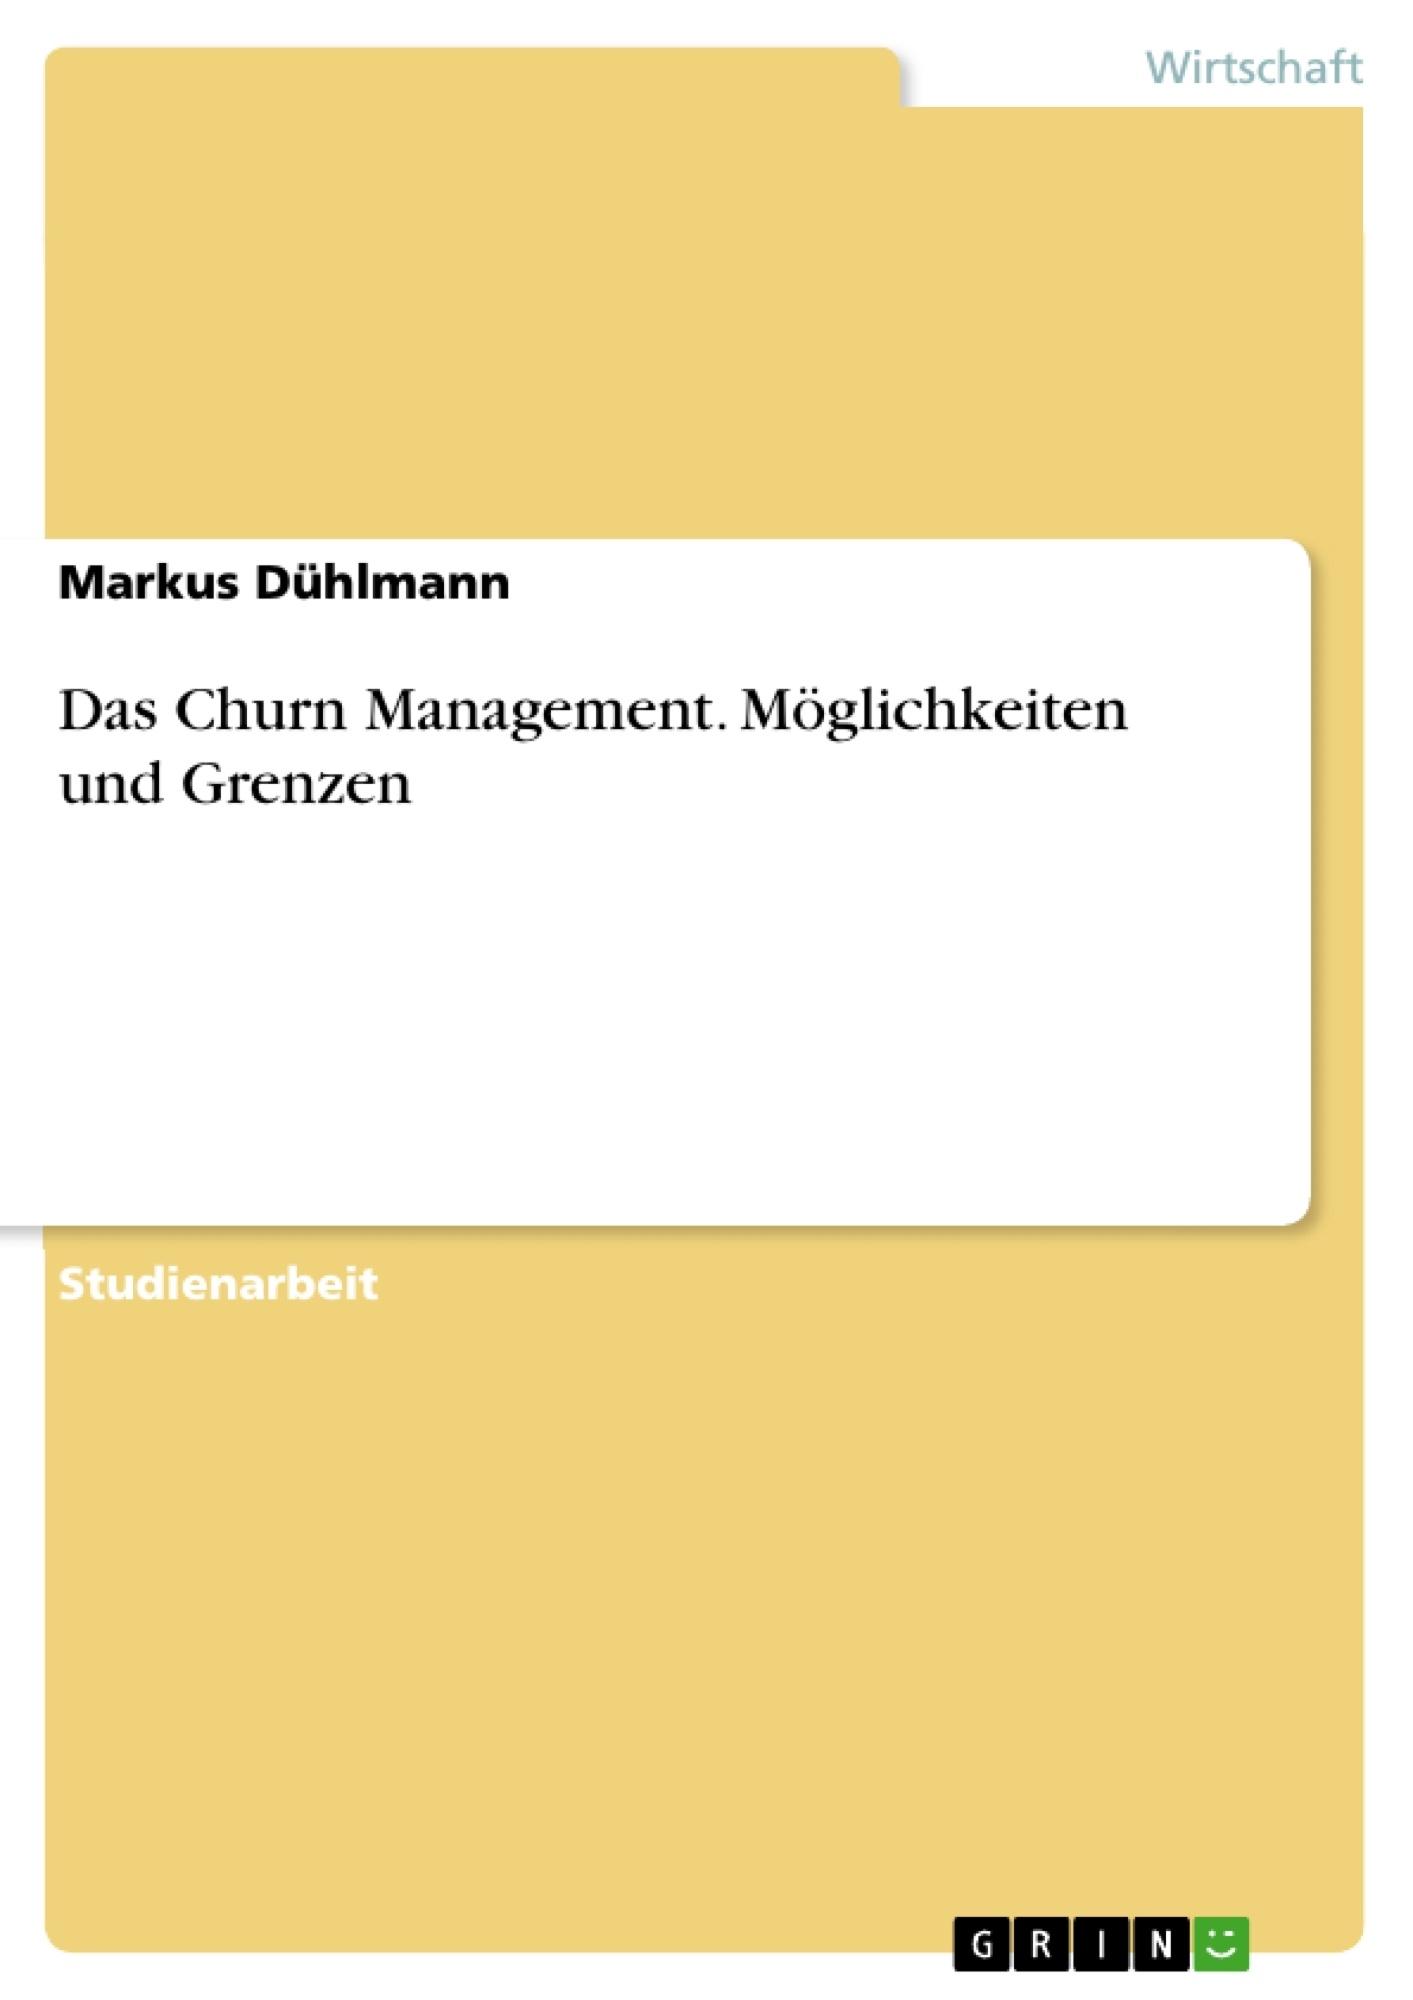 Titel: Das Churn Management. Möglichkeiten und Grenzen